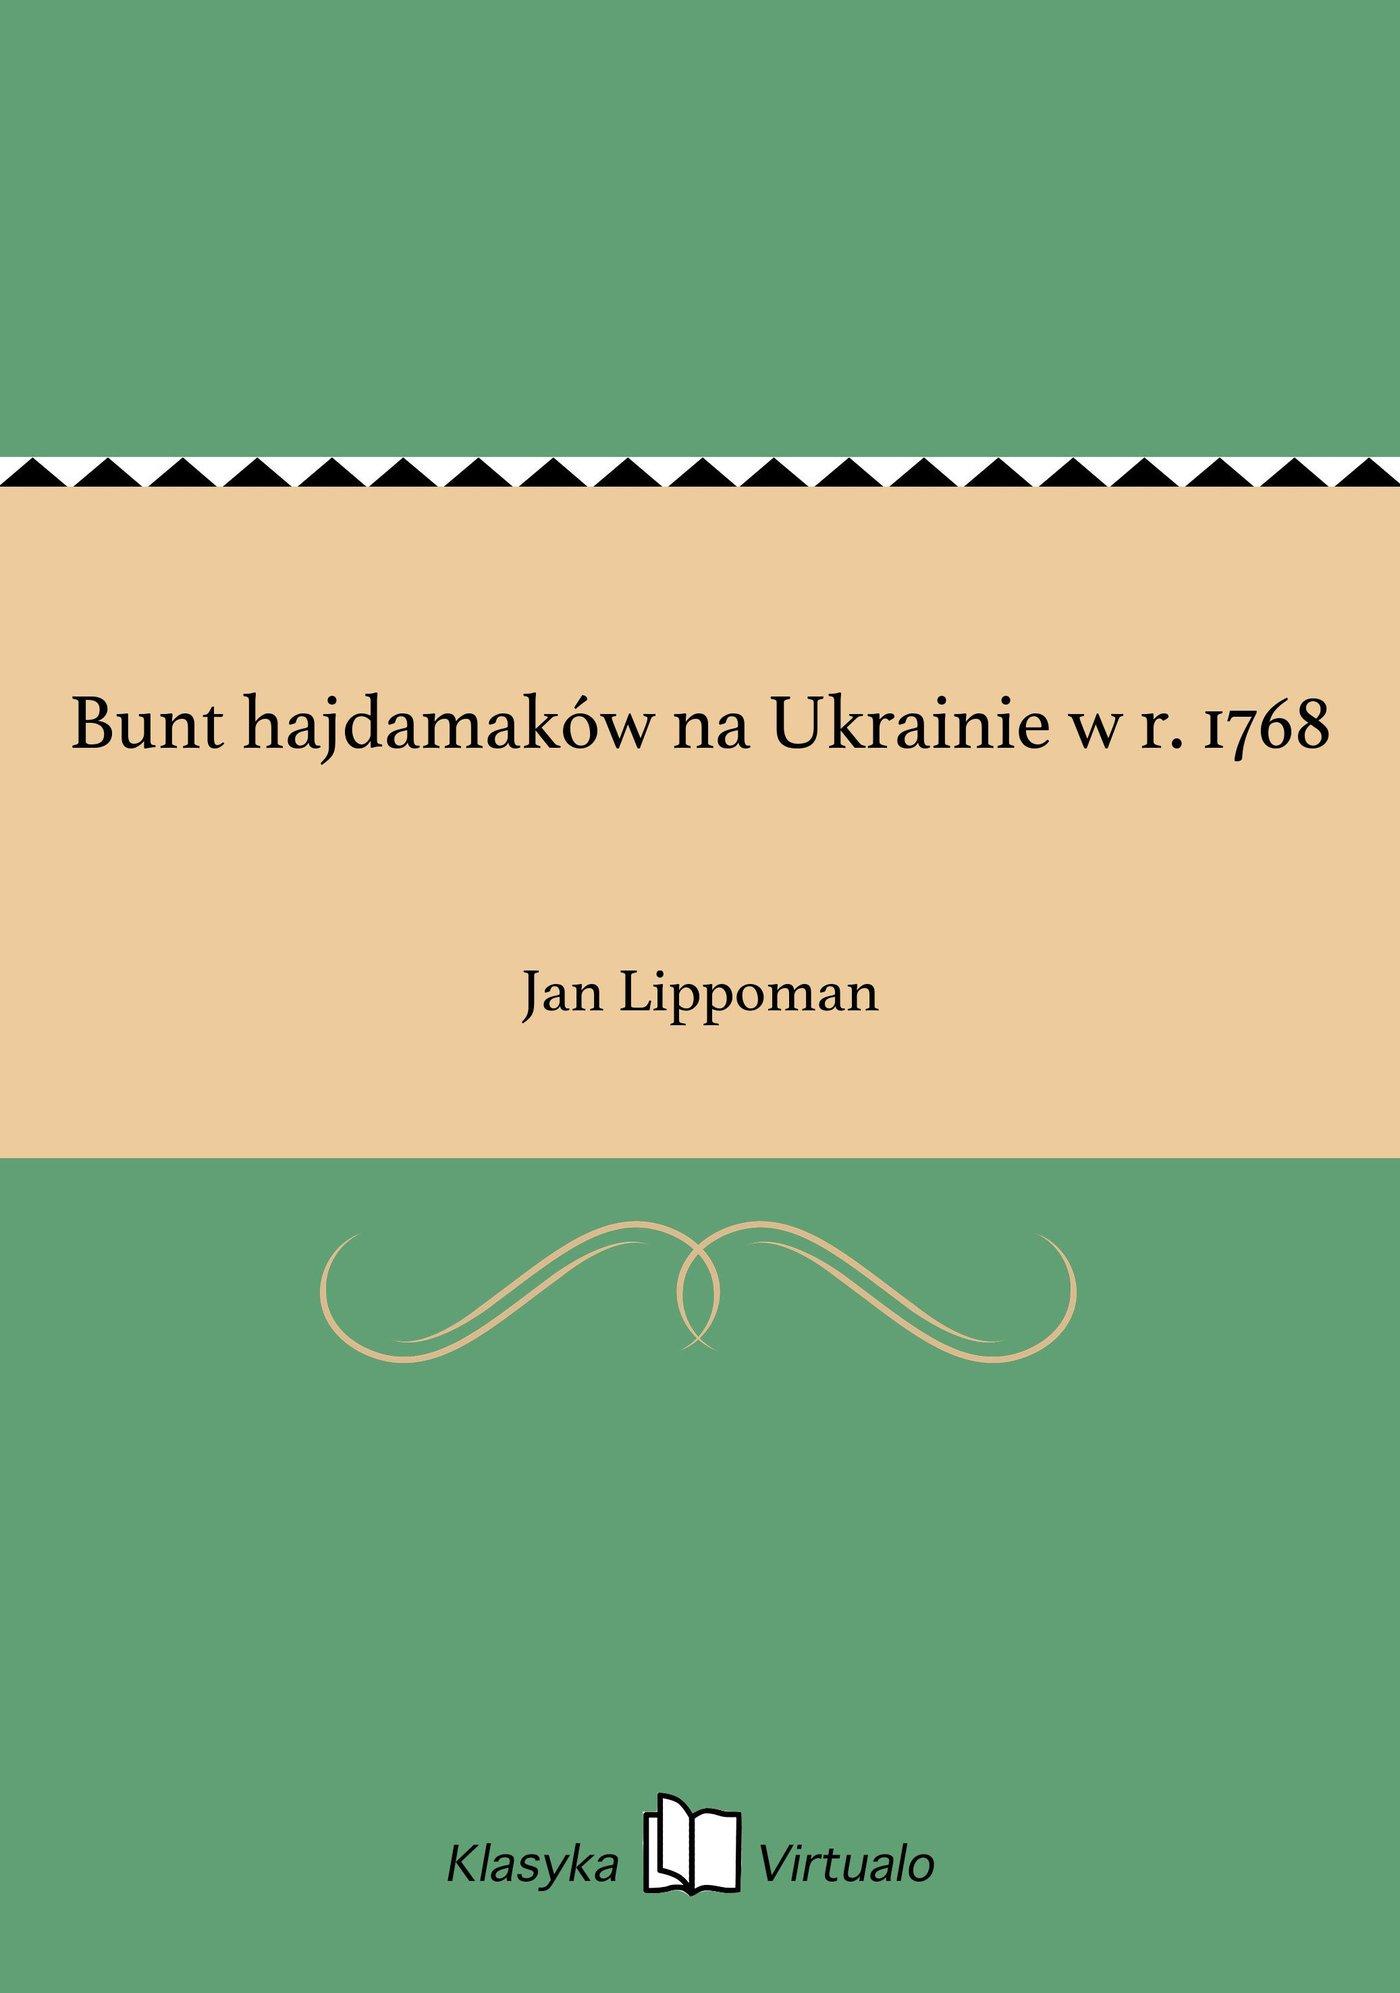 Bunt hajdamaków na Ukrainie w r. 1768 - Ebook (Książka EPUB) do pobrania w formacie EPUB